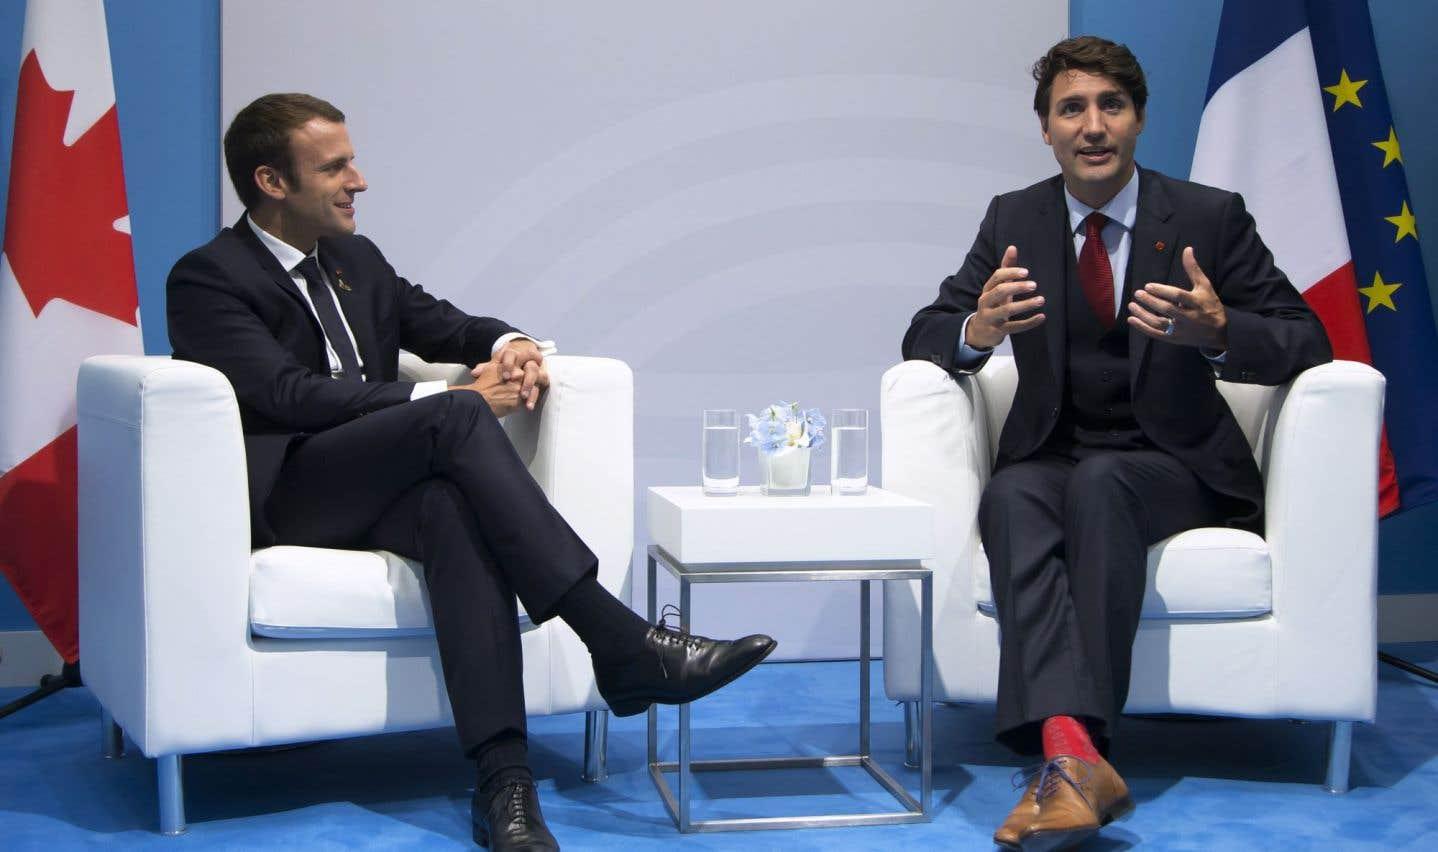 Macron crée une commission pour examiner l'AECG